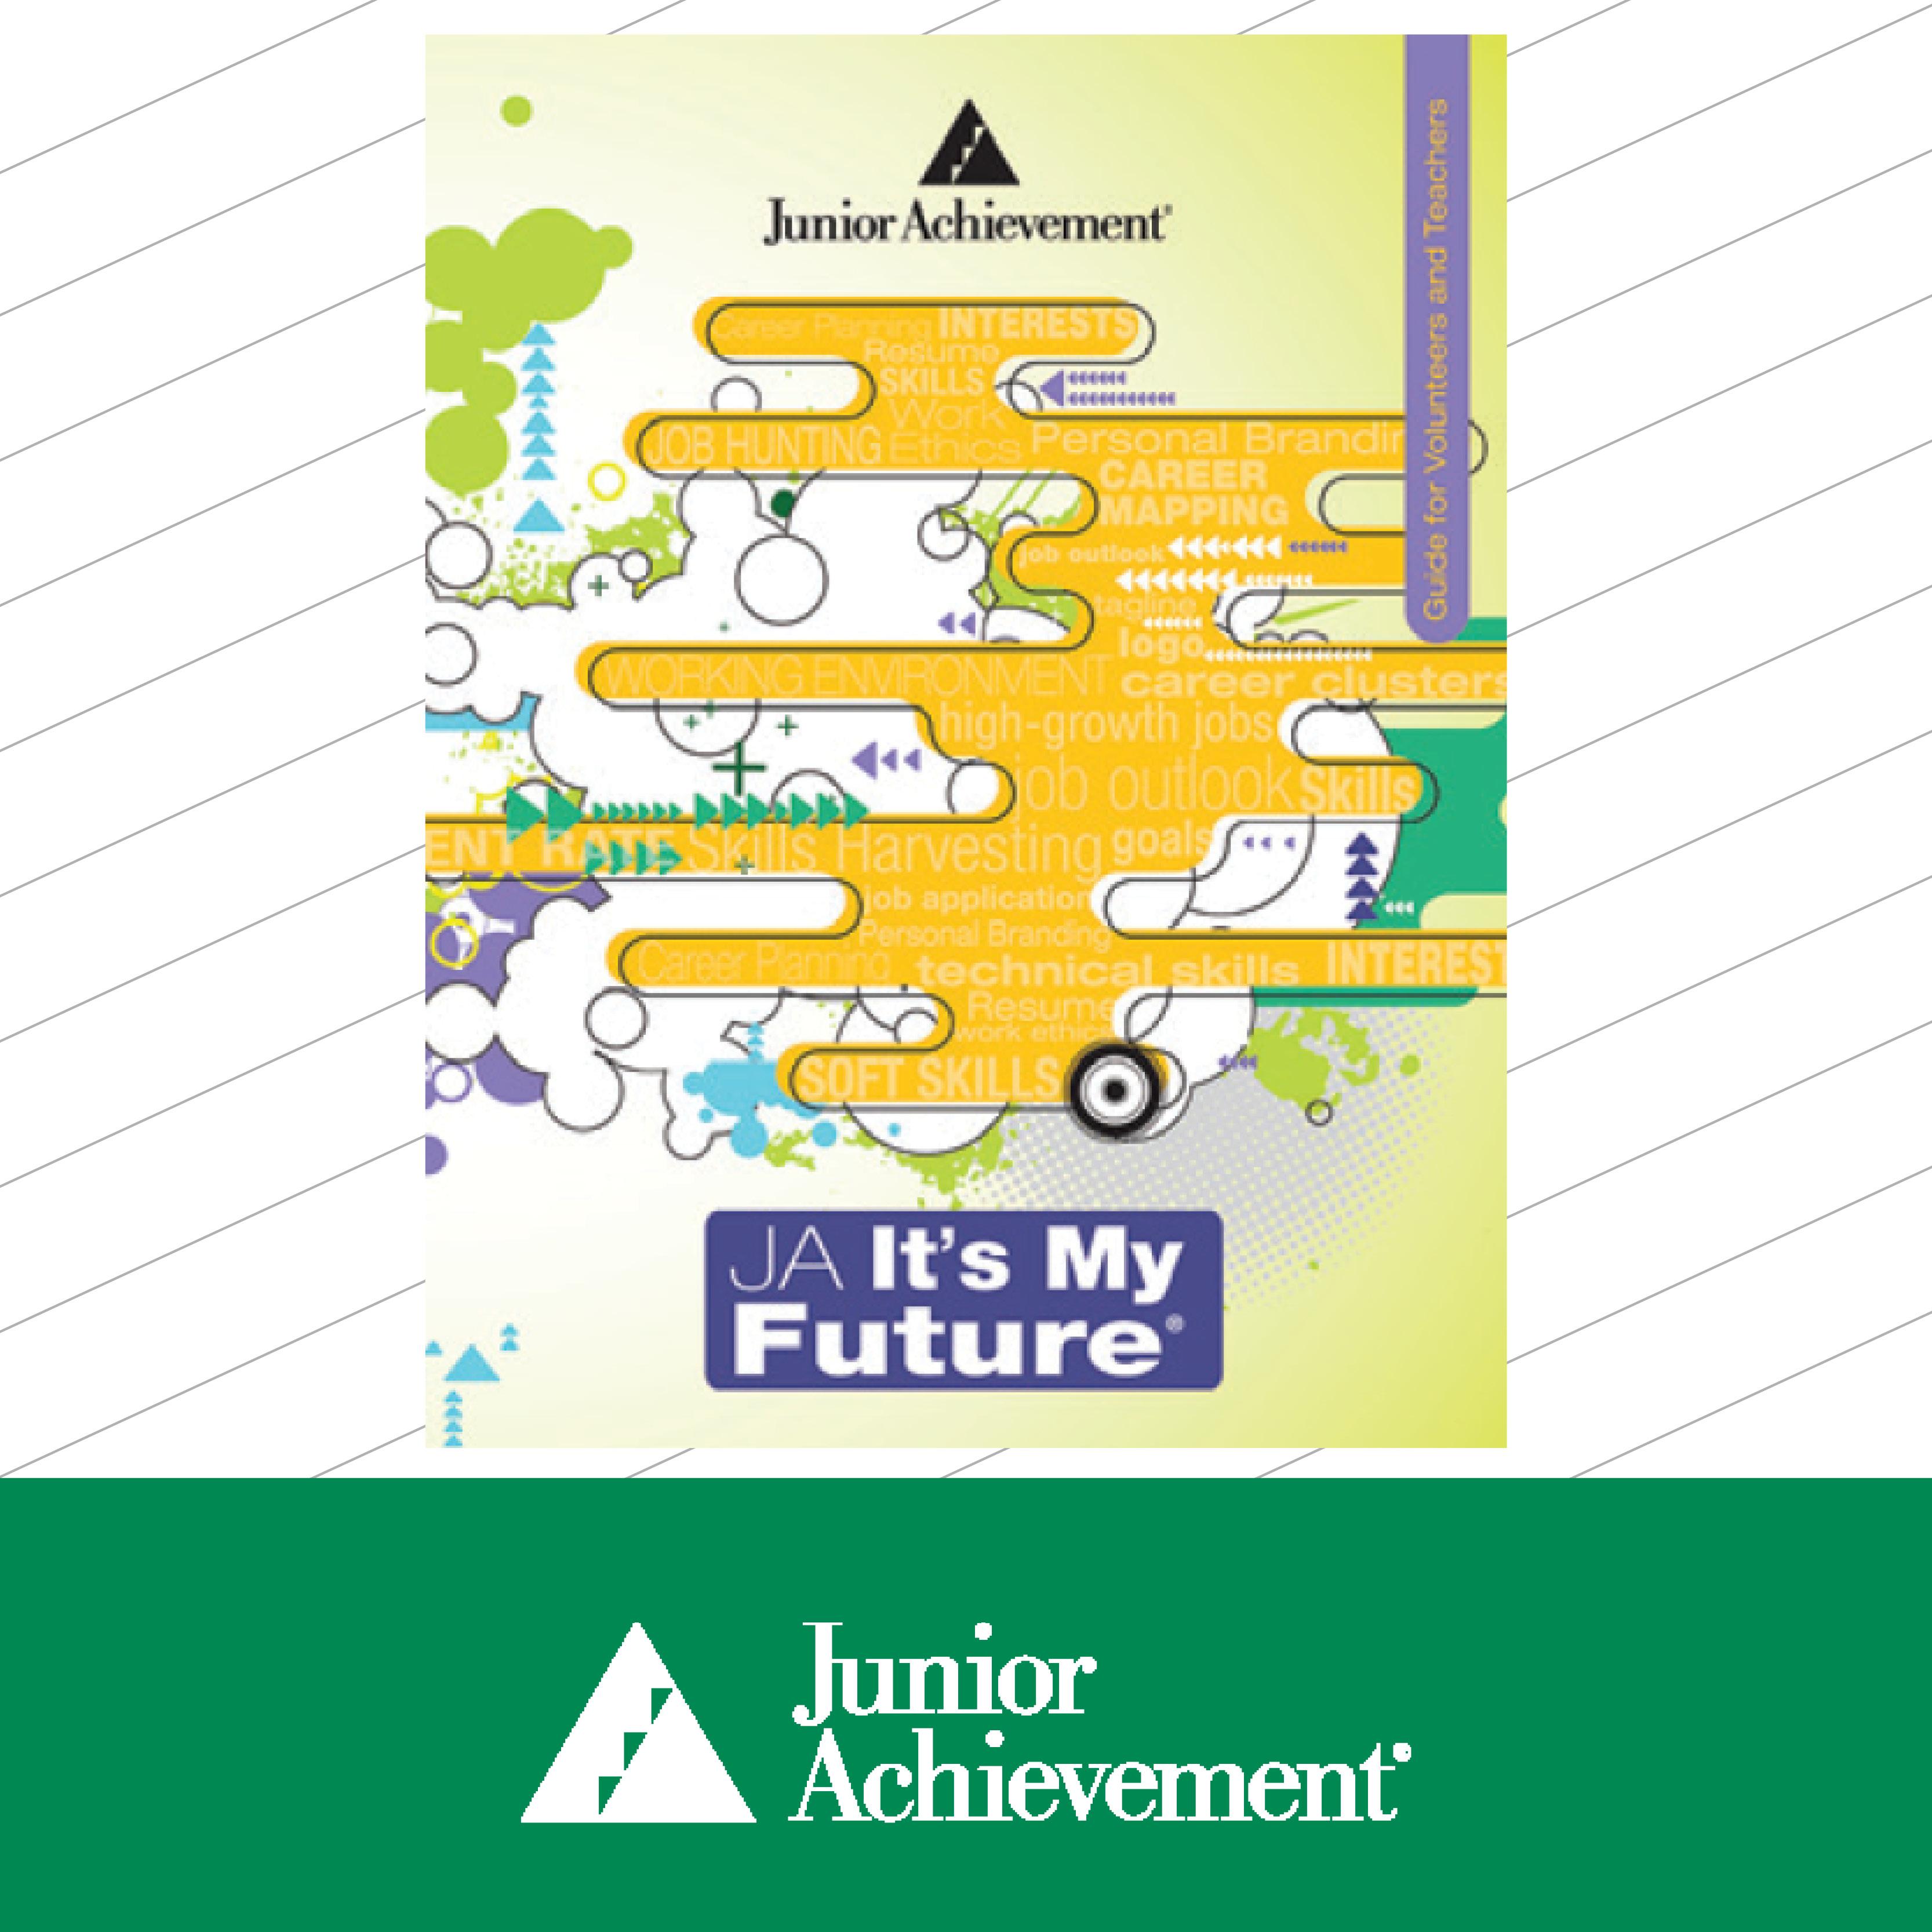 JA Program Spotlight - JA It's My Future.jpg